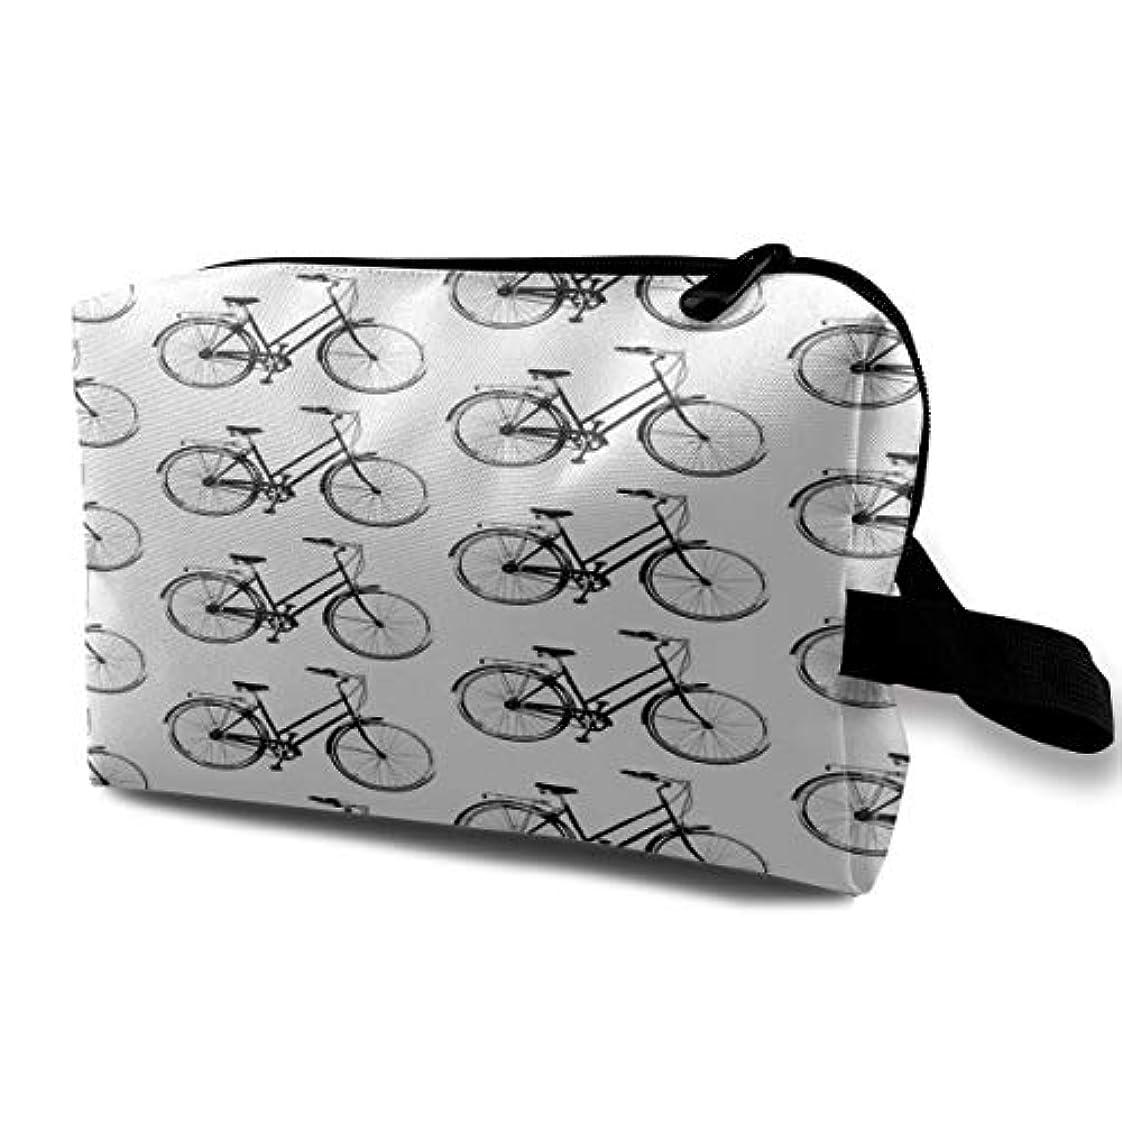 クラッシュ立ち向かう上がるAntique Bicycles 収納ポーチ 化粧ポーチ 大容量 軽量 耐久性 ハンドル付持ち運び便利。入れ 自宅?出張?旅行?アウトドア撮影などに対応。メンズ レディース トラベルグッズ